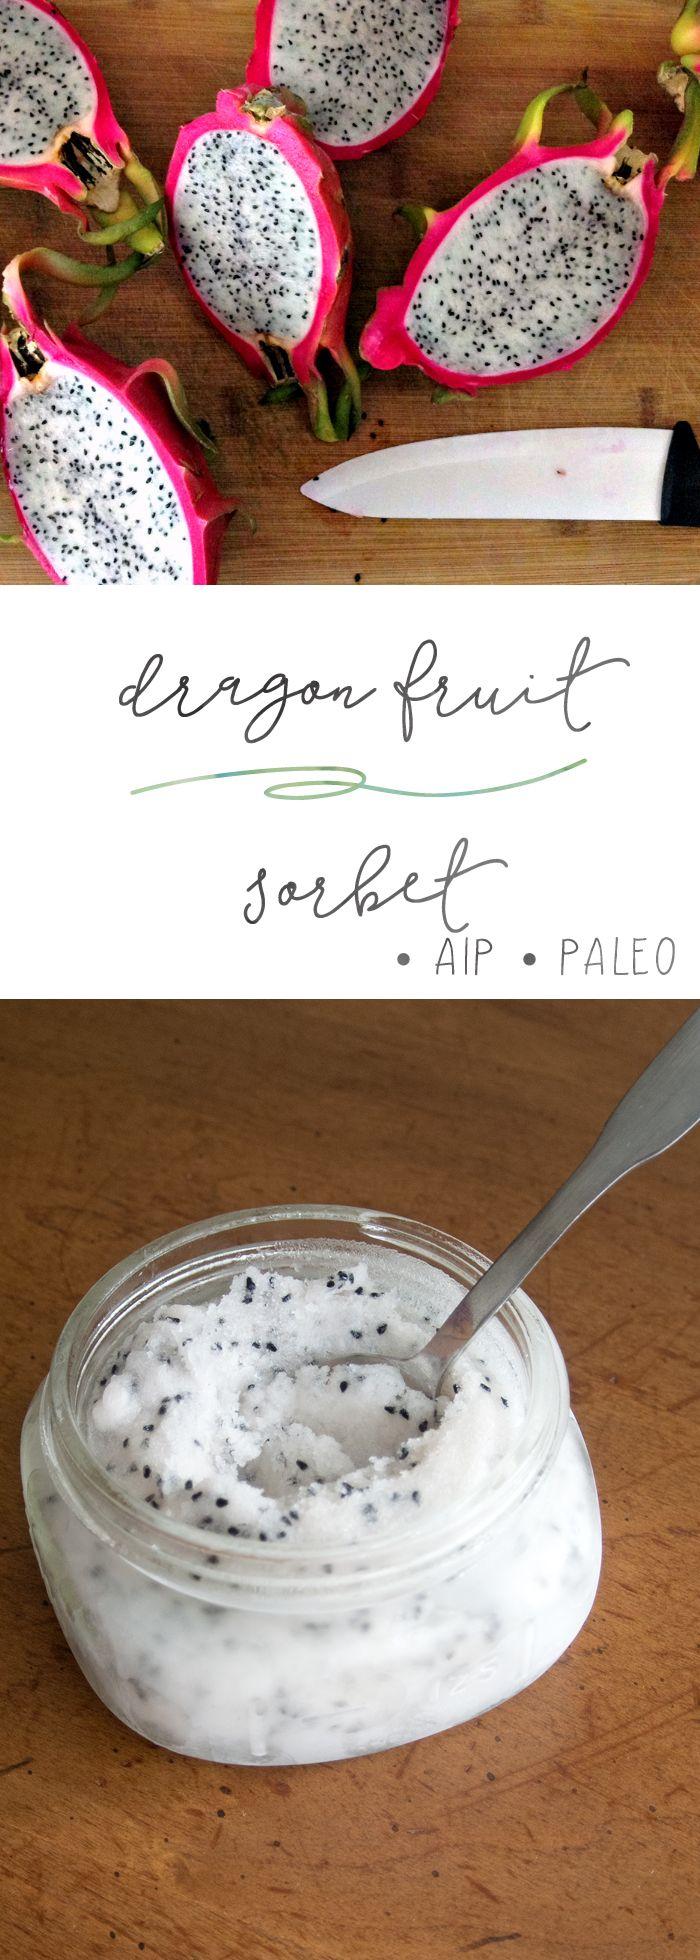 Dragon Fruit Sorbet | Enjoying this Journey...